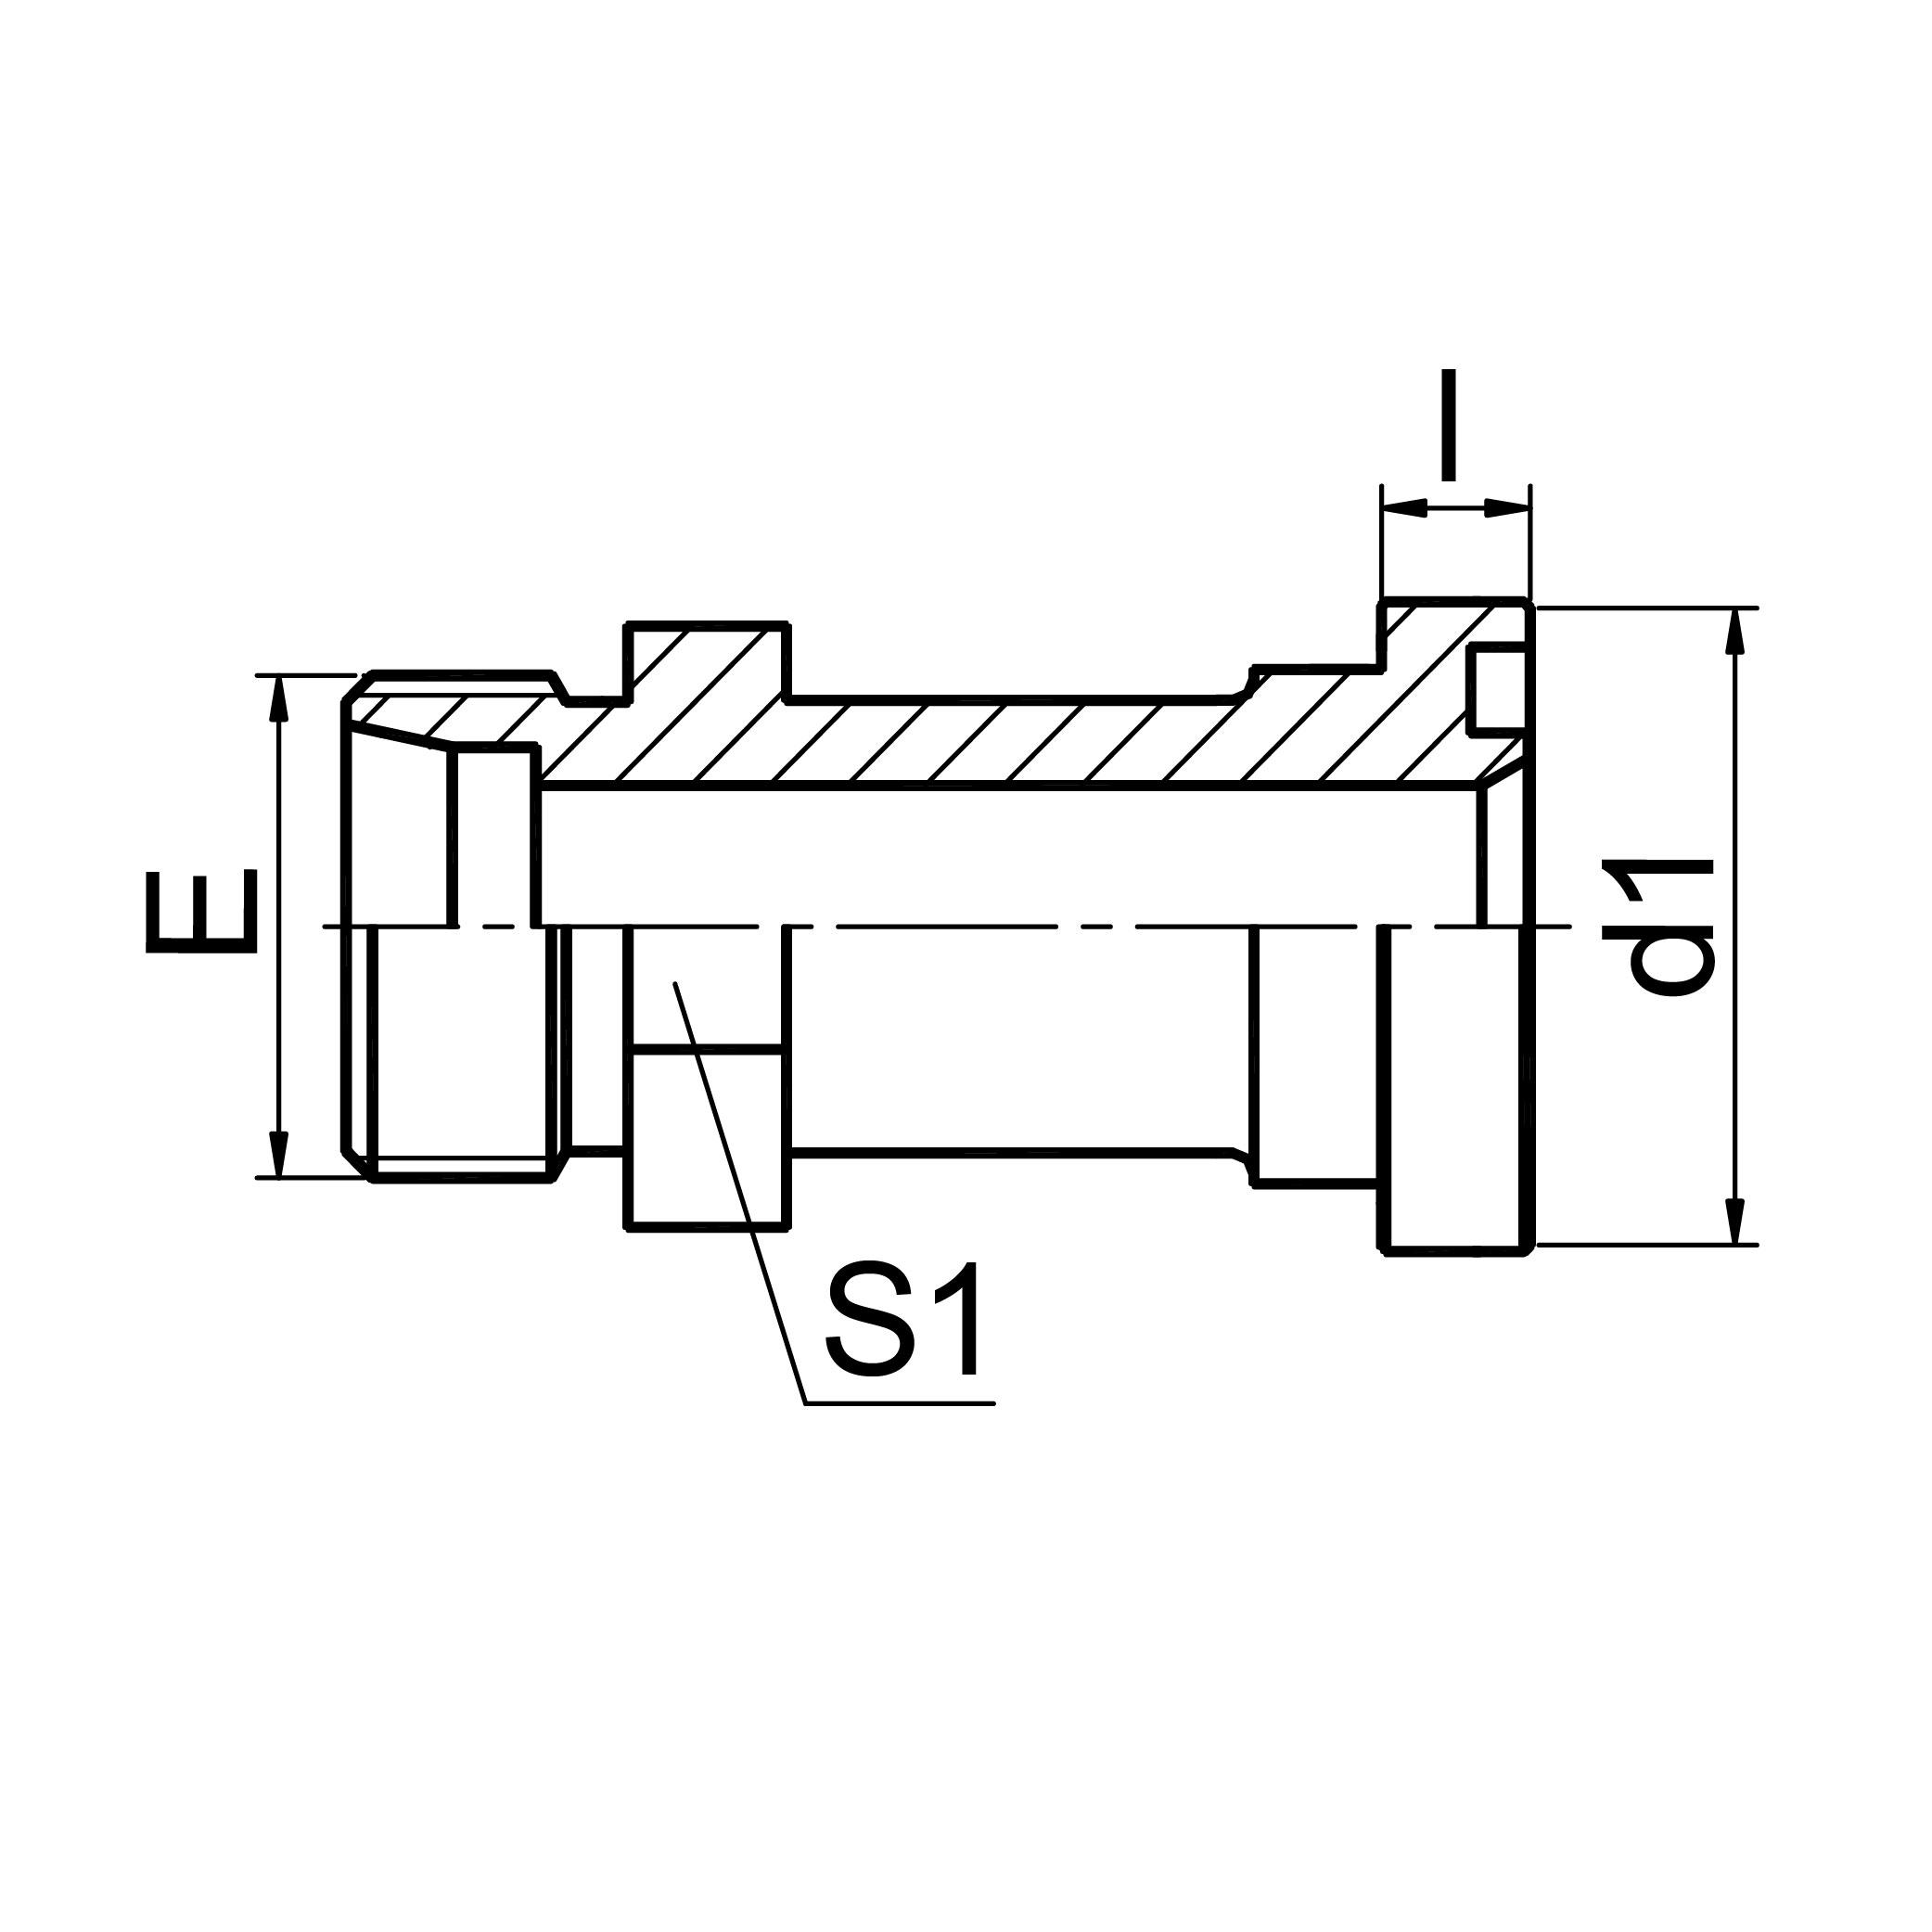 延边公制螺纹卡套式 / 轻系列法兰ISO 6162-1 1CFL/1DFL